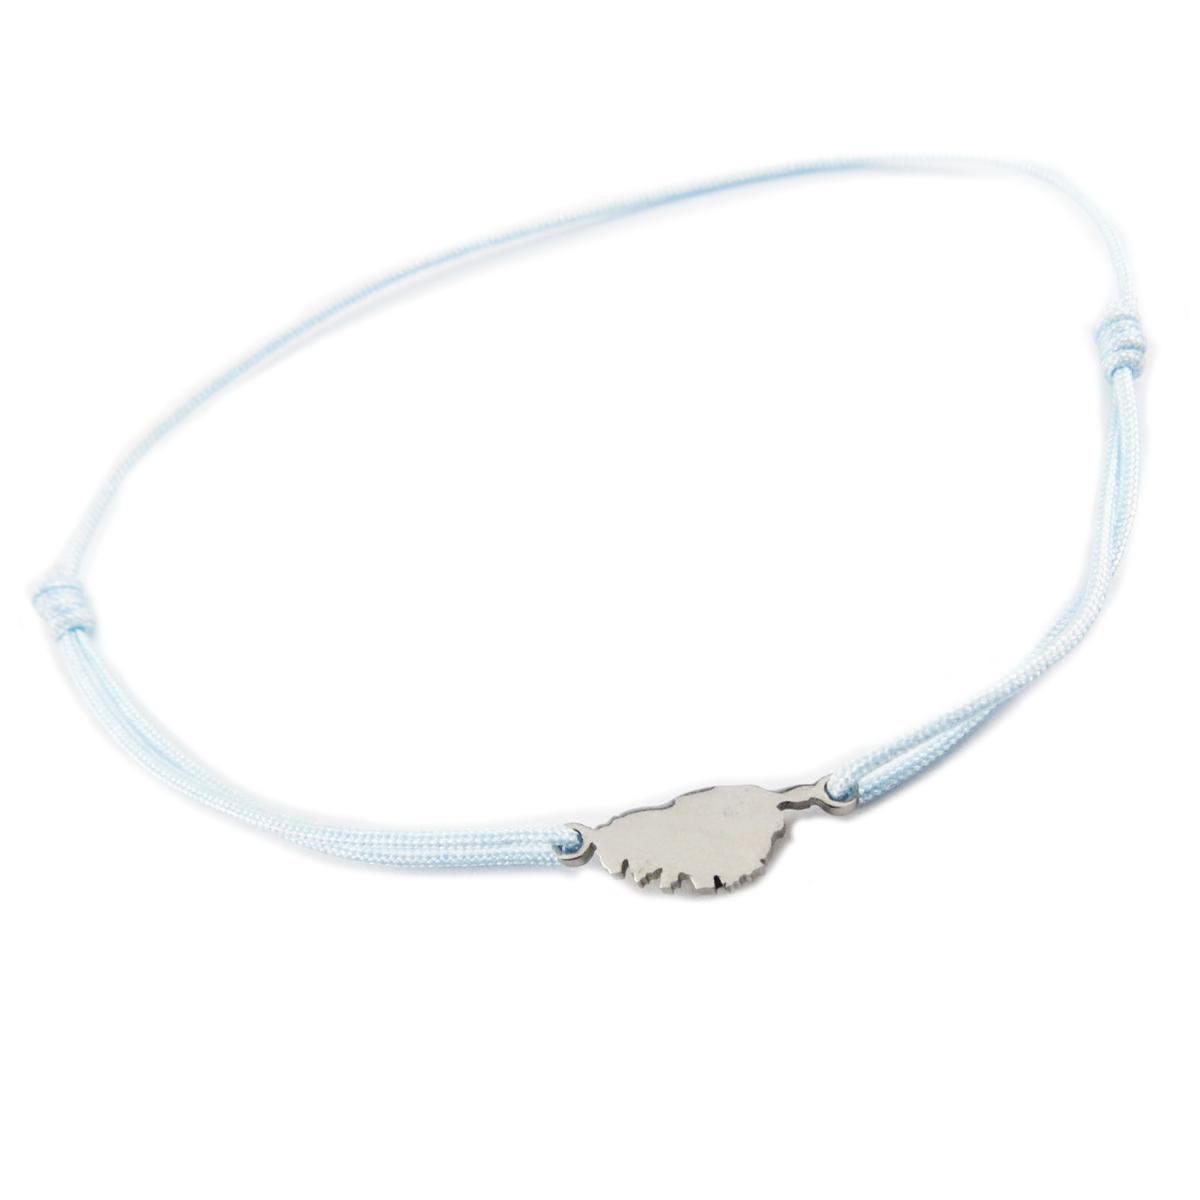 Bracelet acier \'Corsica\' bleu ciel argenté (corse) - 10x7 mm - [R0147]